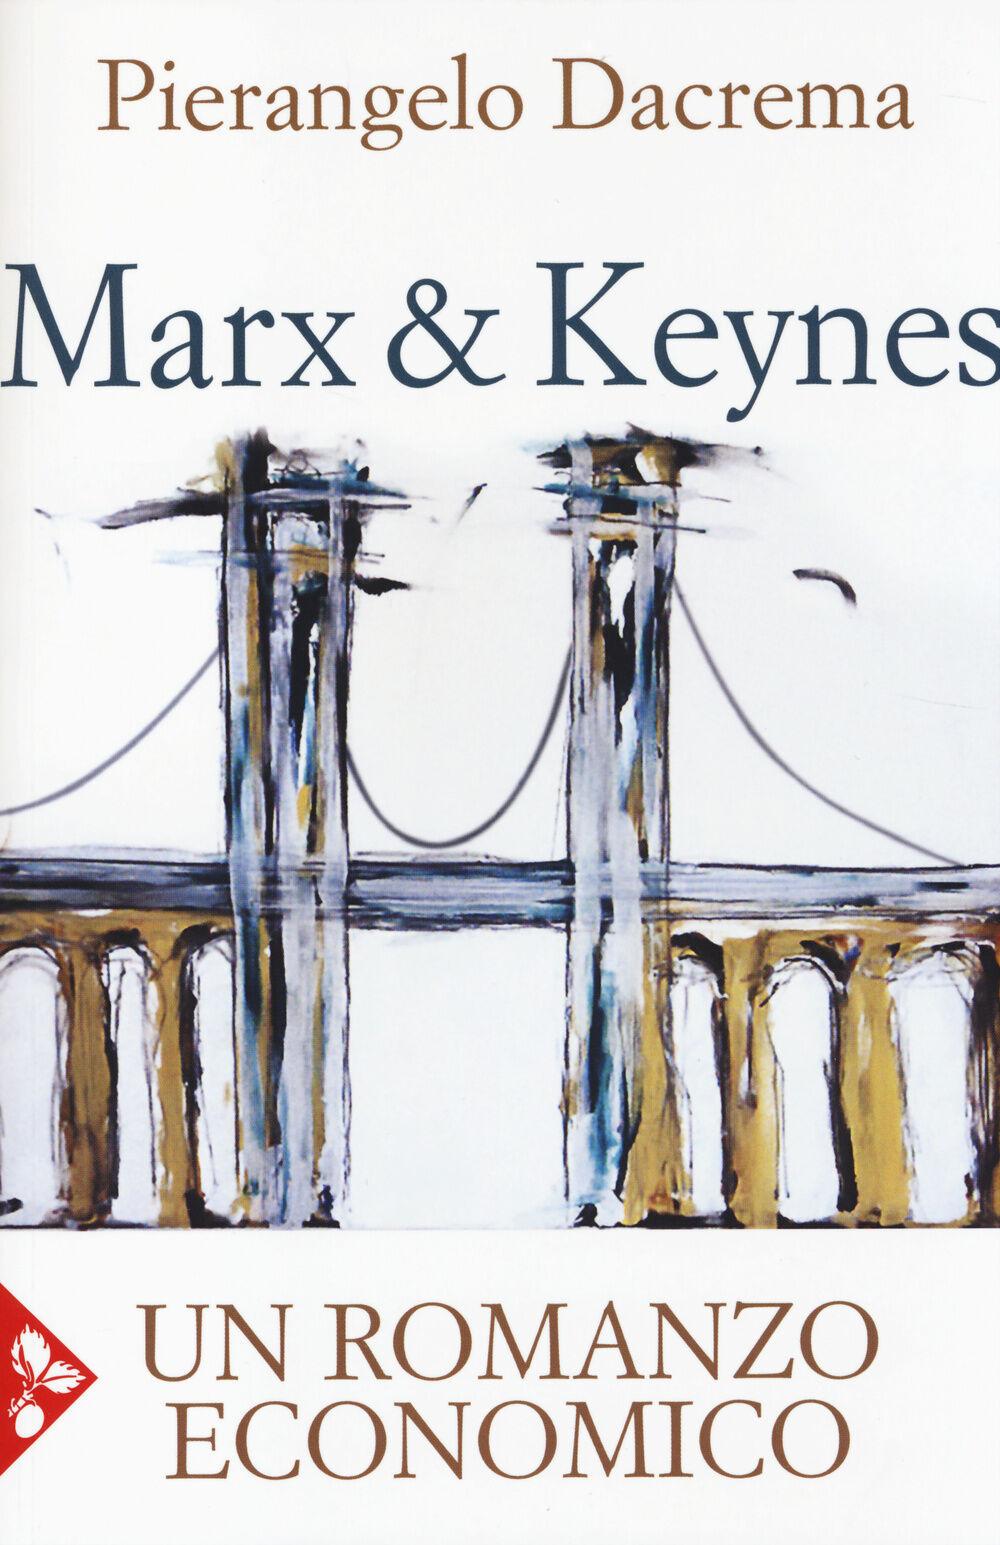 Marx & Keynes. Un romanzo economico